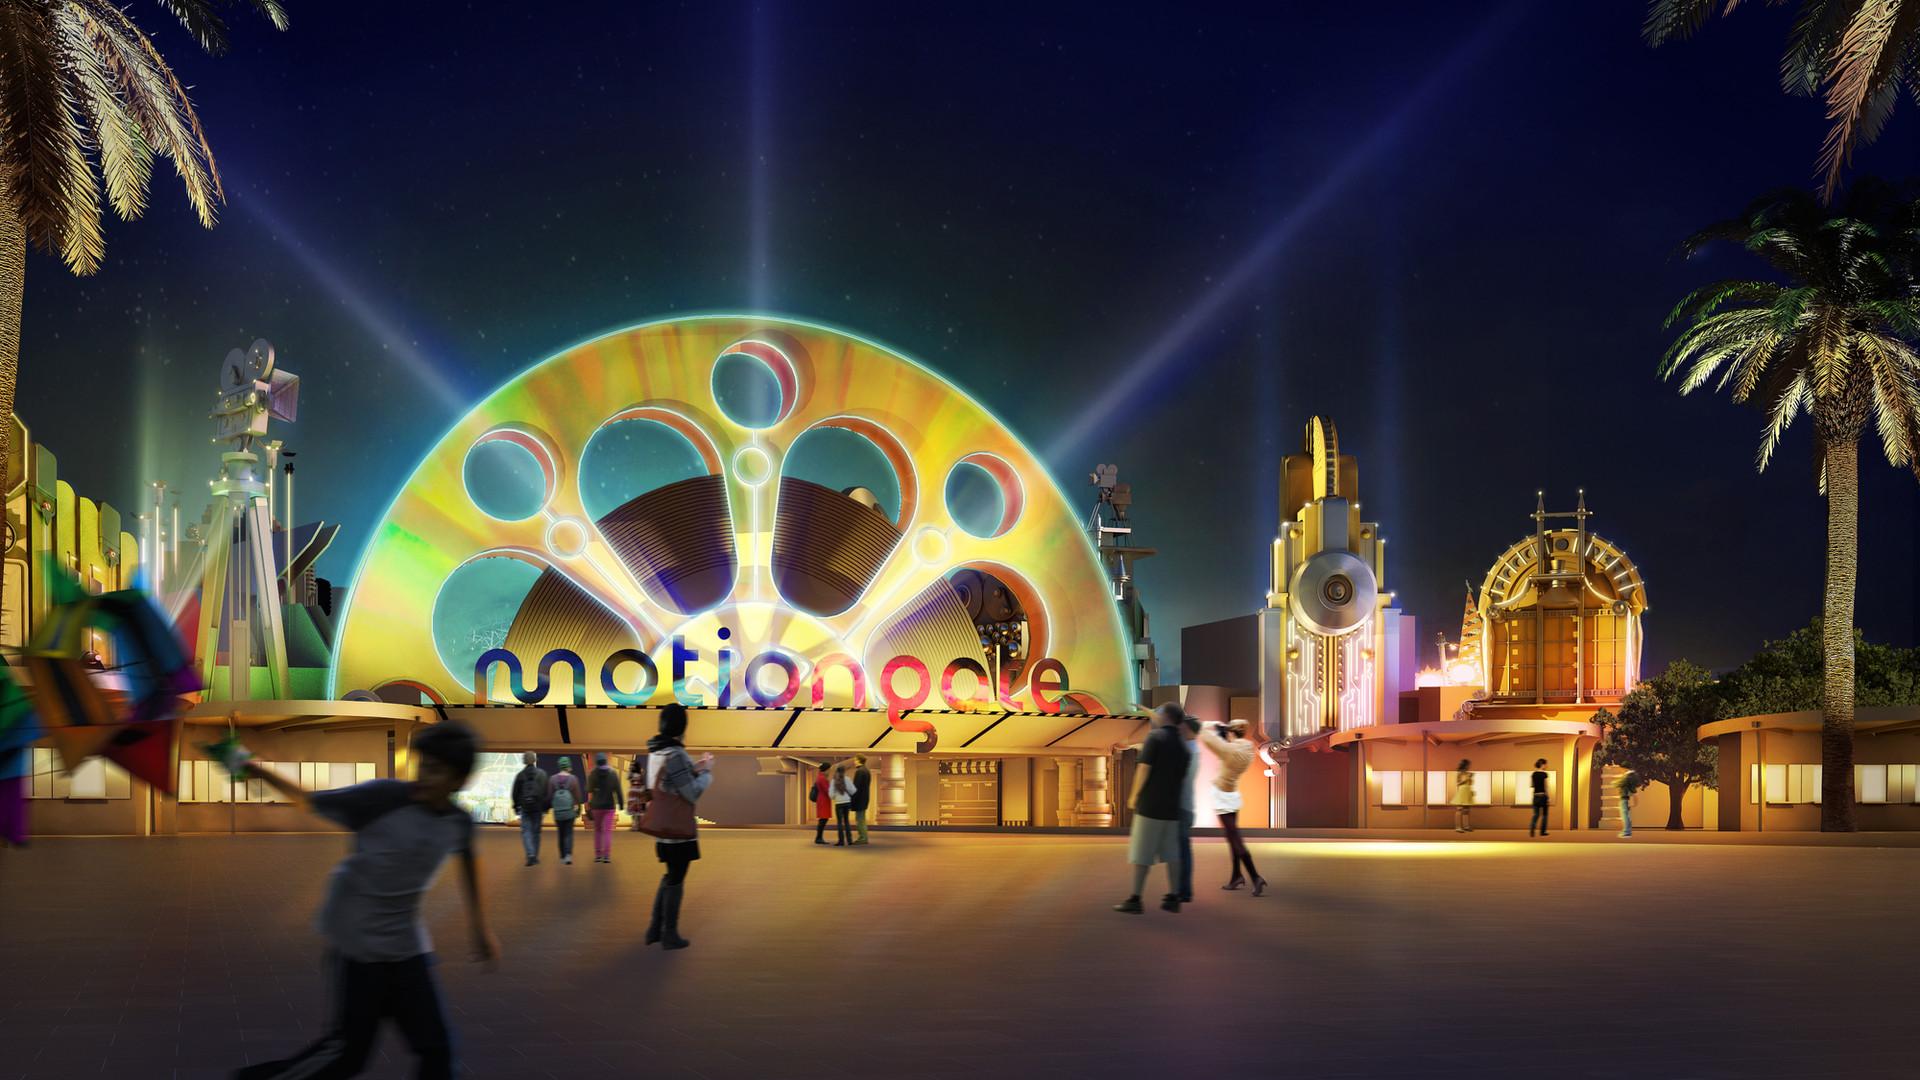 Motiongate Dubai